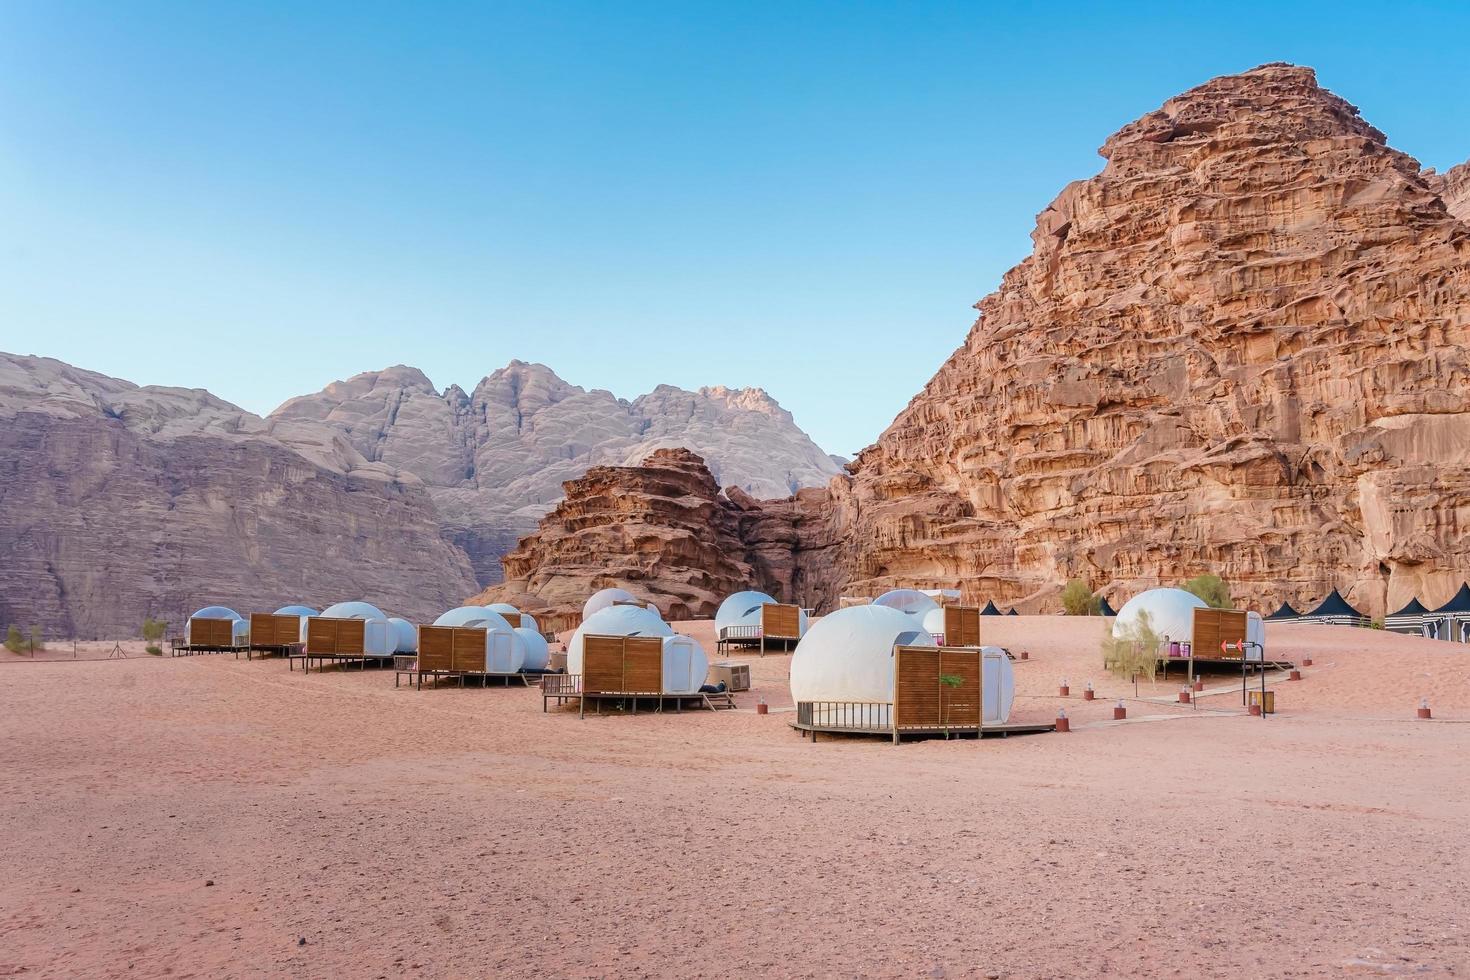 Camping le long des rochers à Petra, Wadi Rum, Jordanie photo